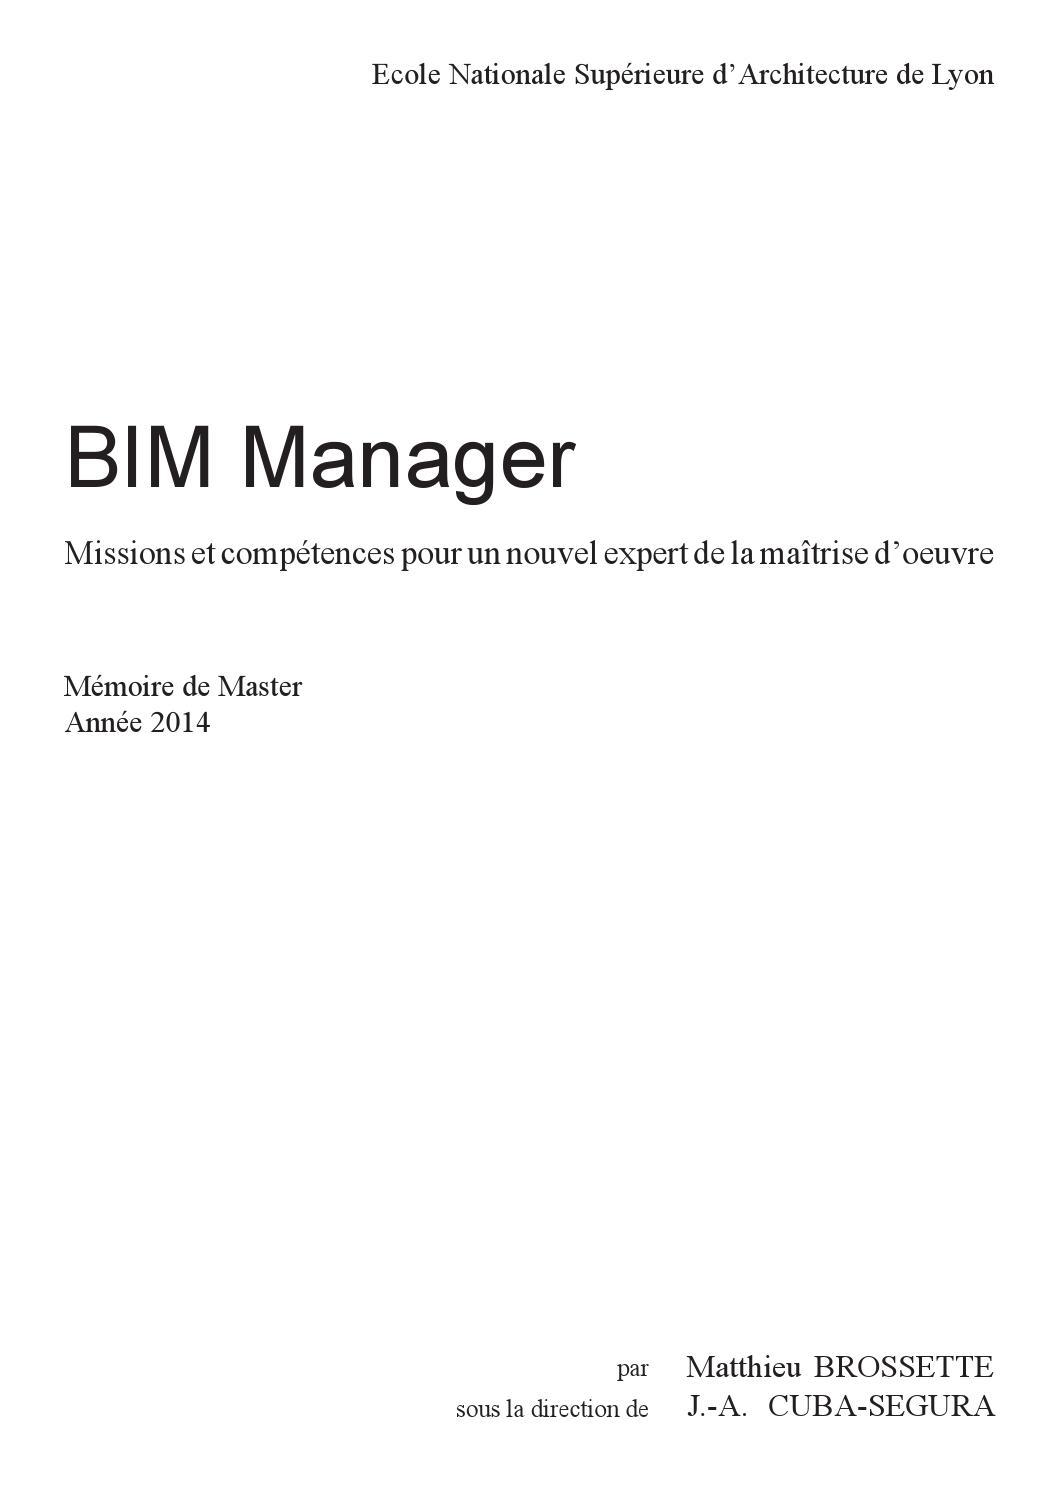 BIM Management - Mémoire by Matthieu Brossette - issuu